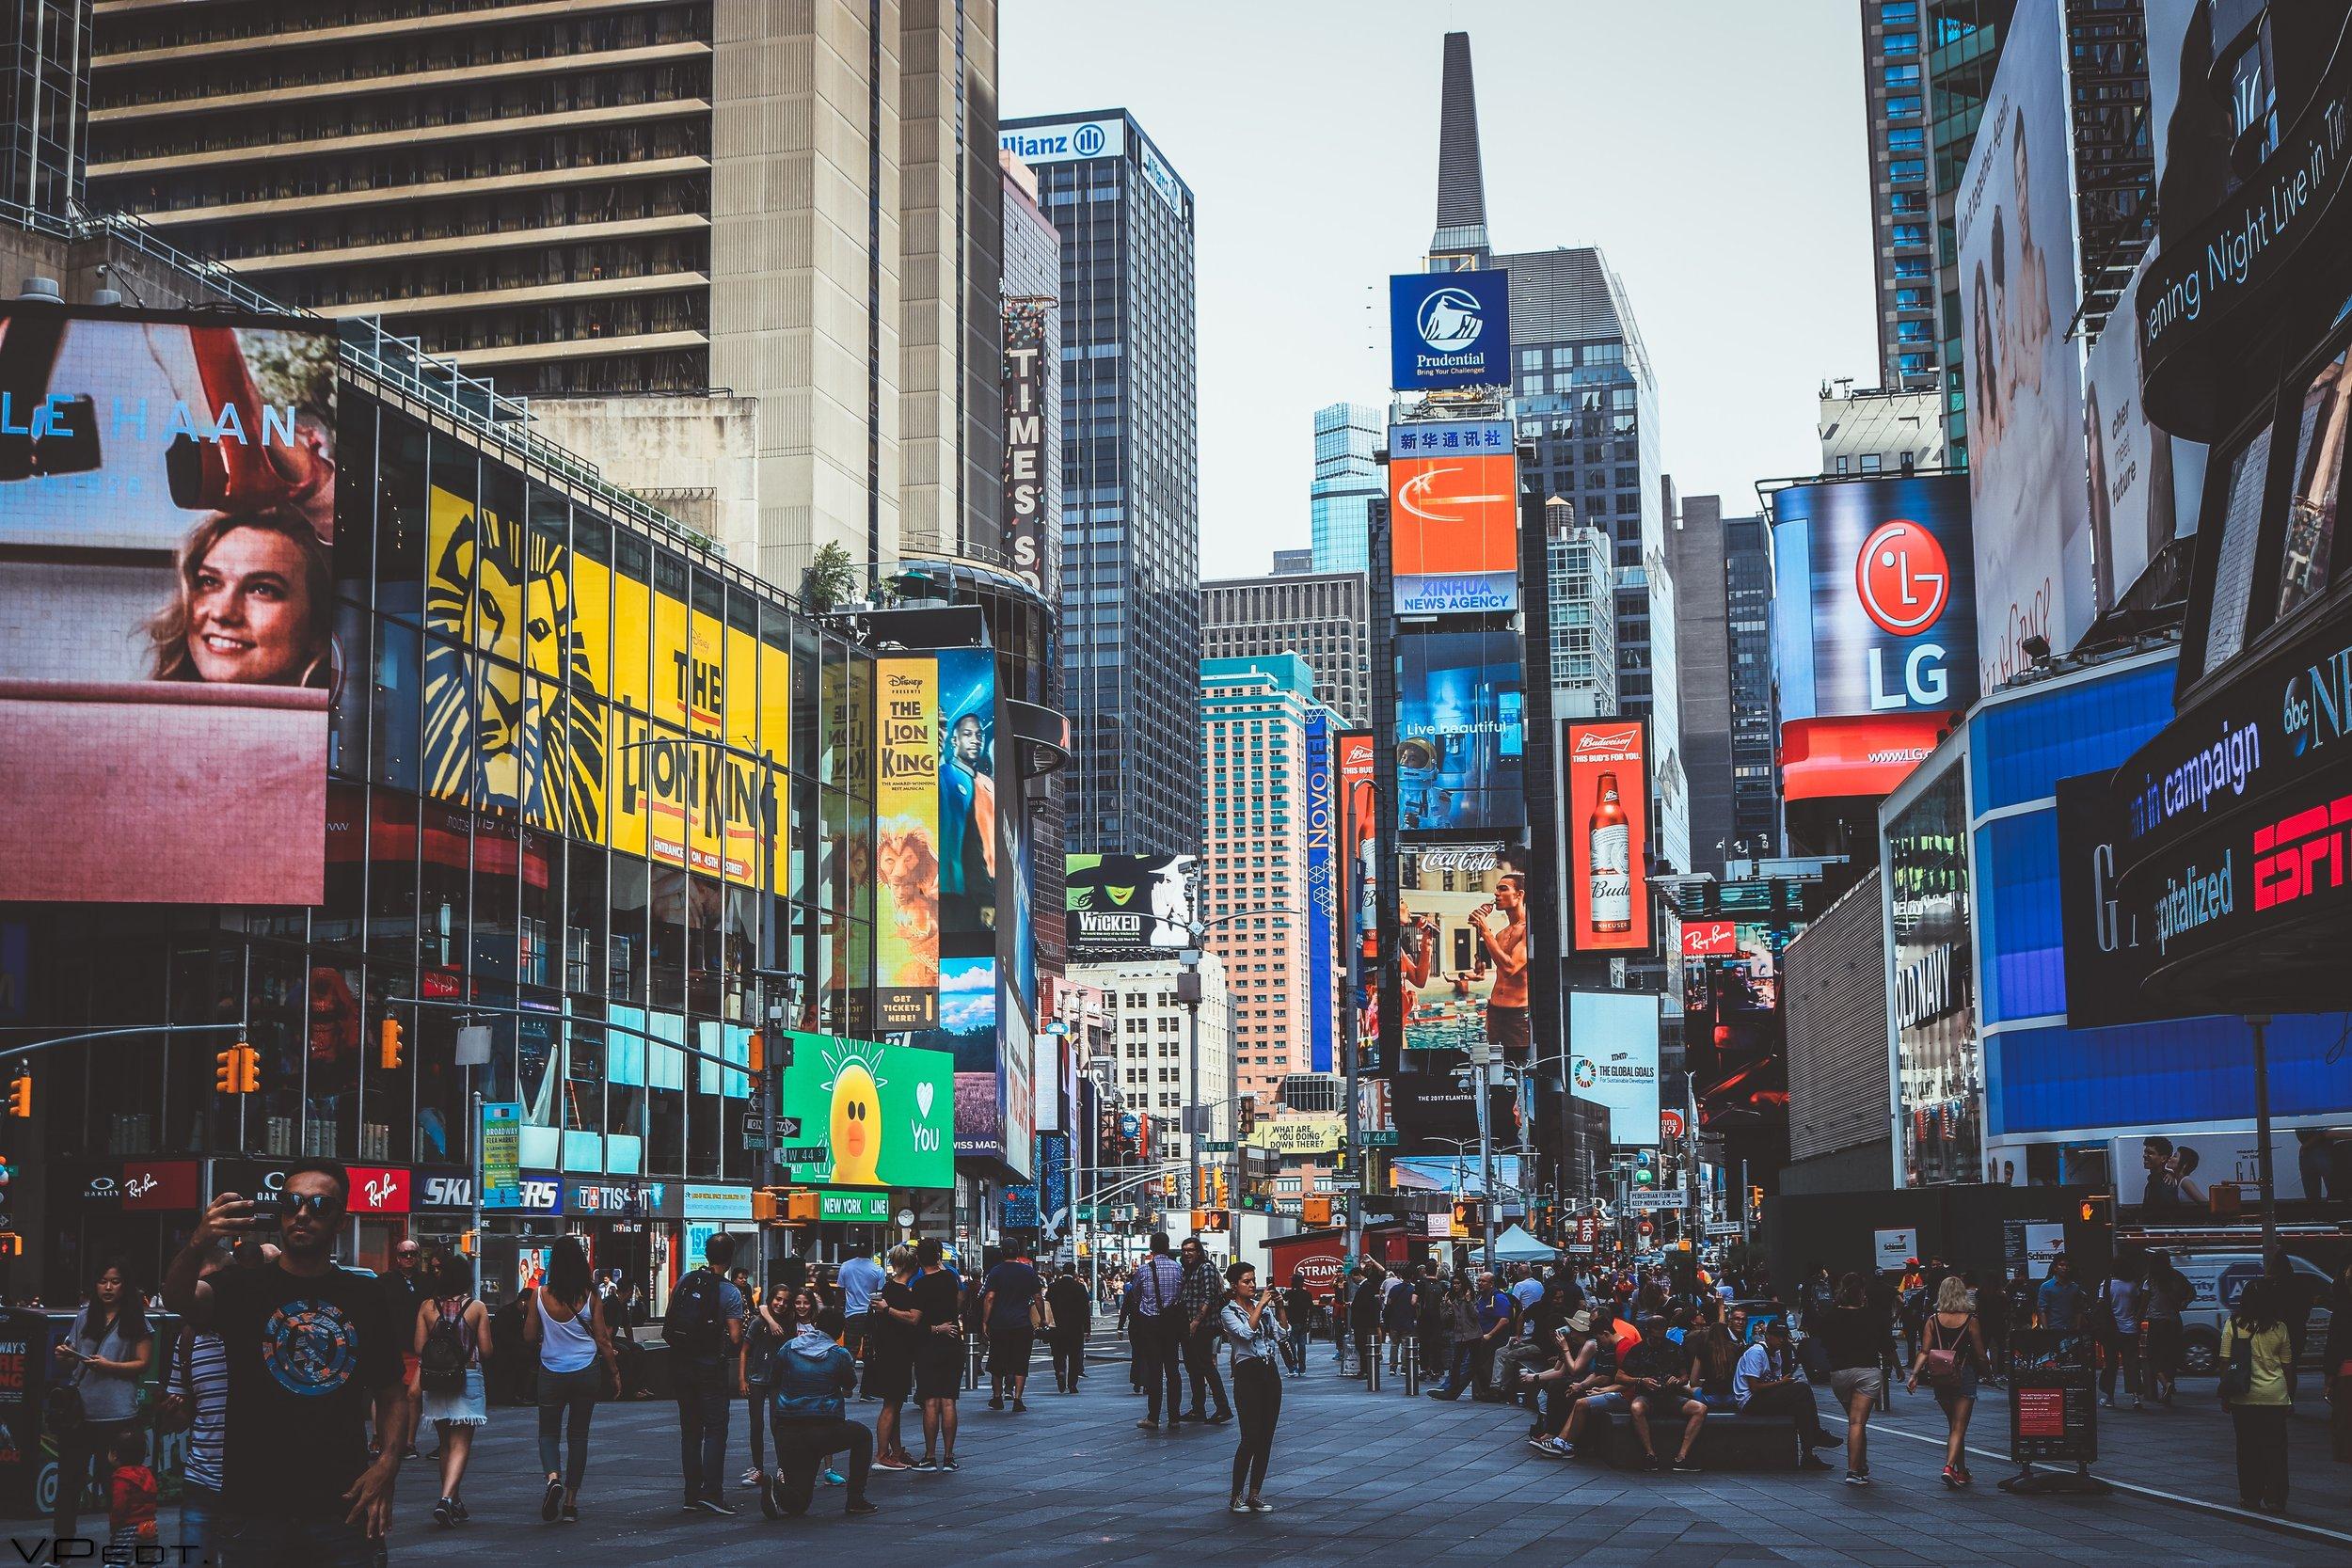 action-architecture-billboard-1486222.jpg